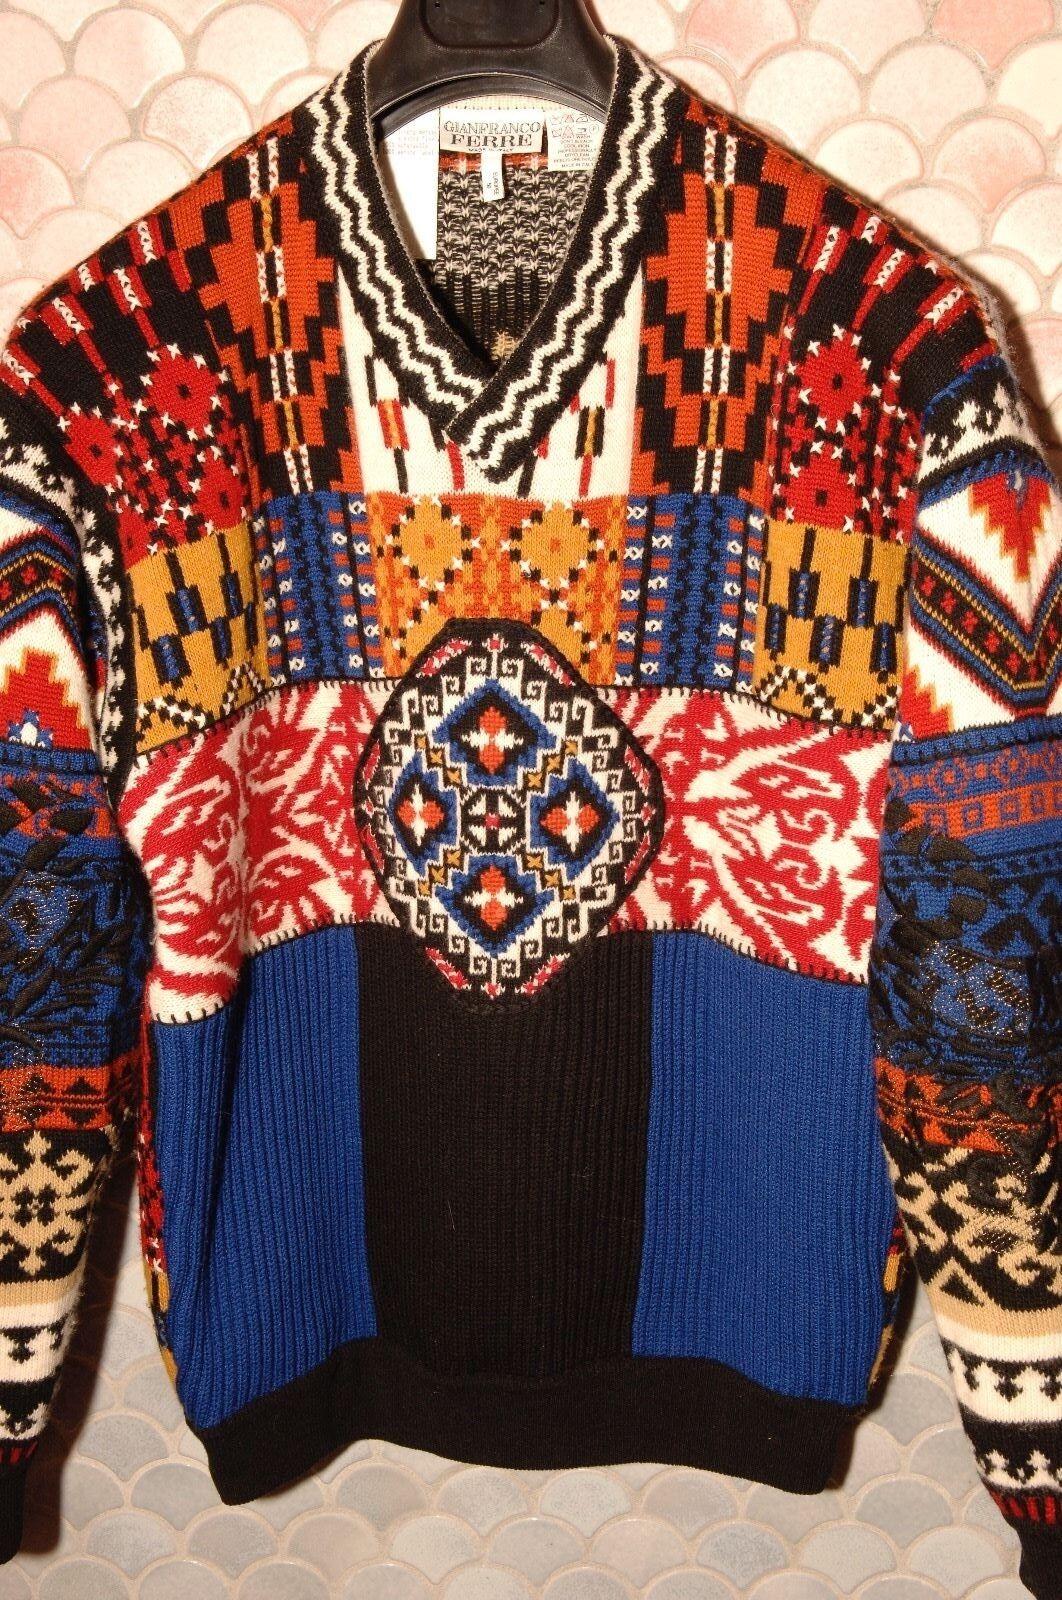 Gianfranco Ferre Winter Sweater, NOS, Mint, Size M, Italian 50